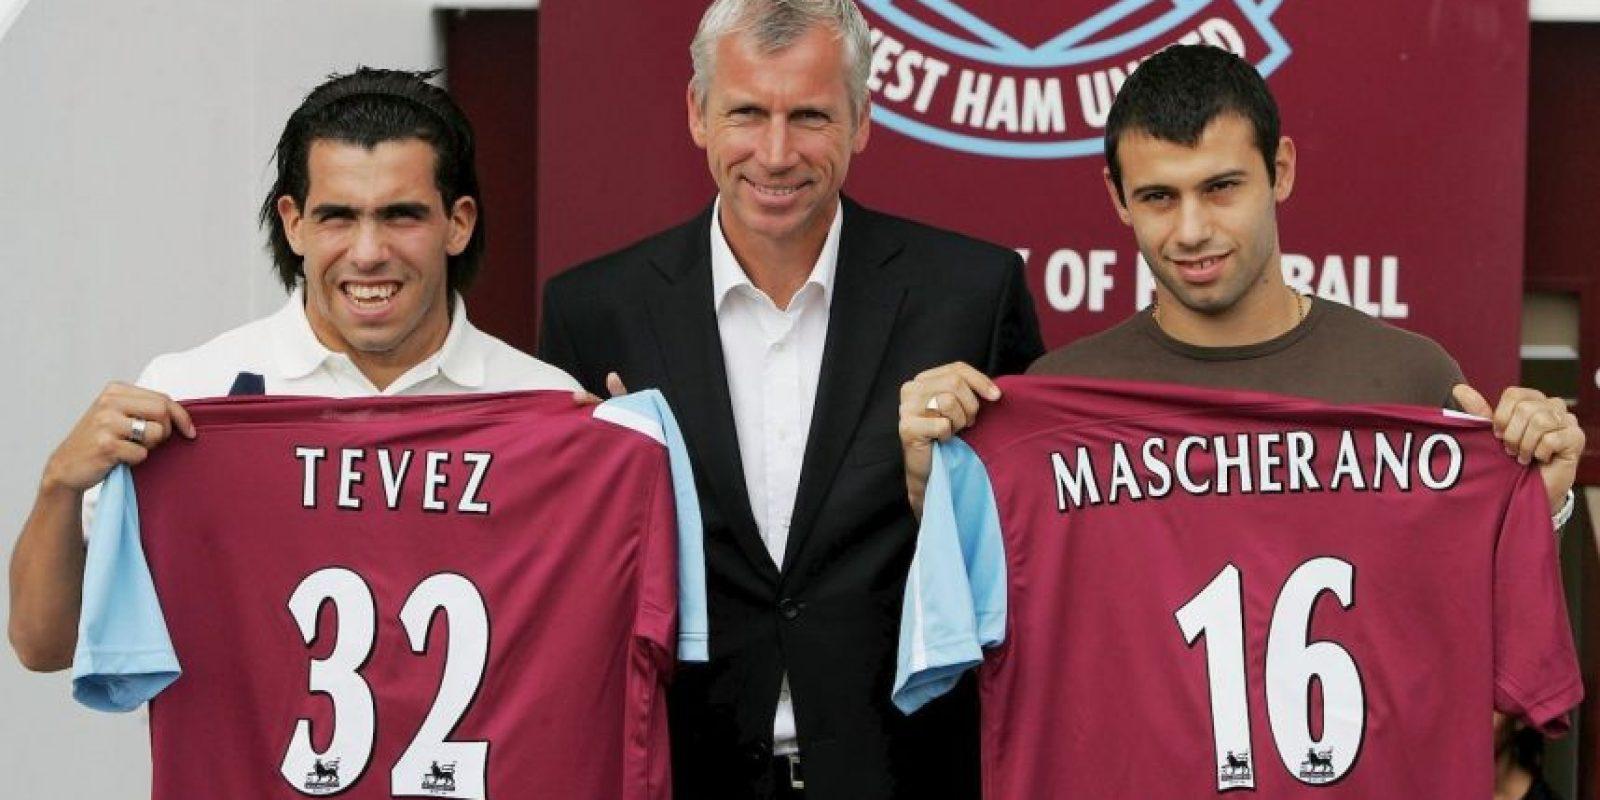 West Ham encontró excesiva la petición y desistió de su idea Foto:Getty Images